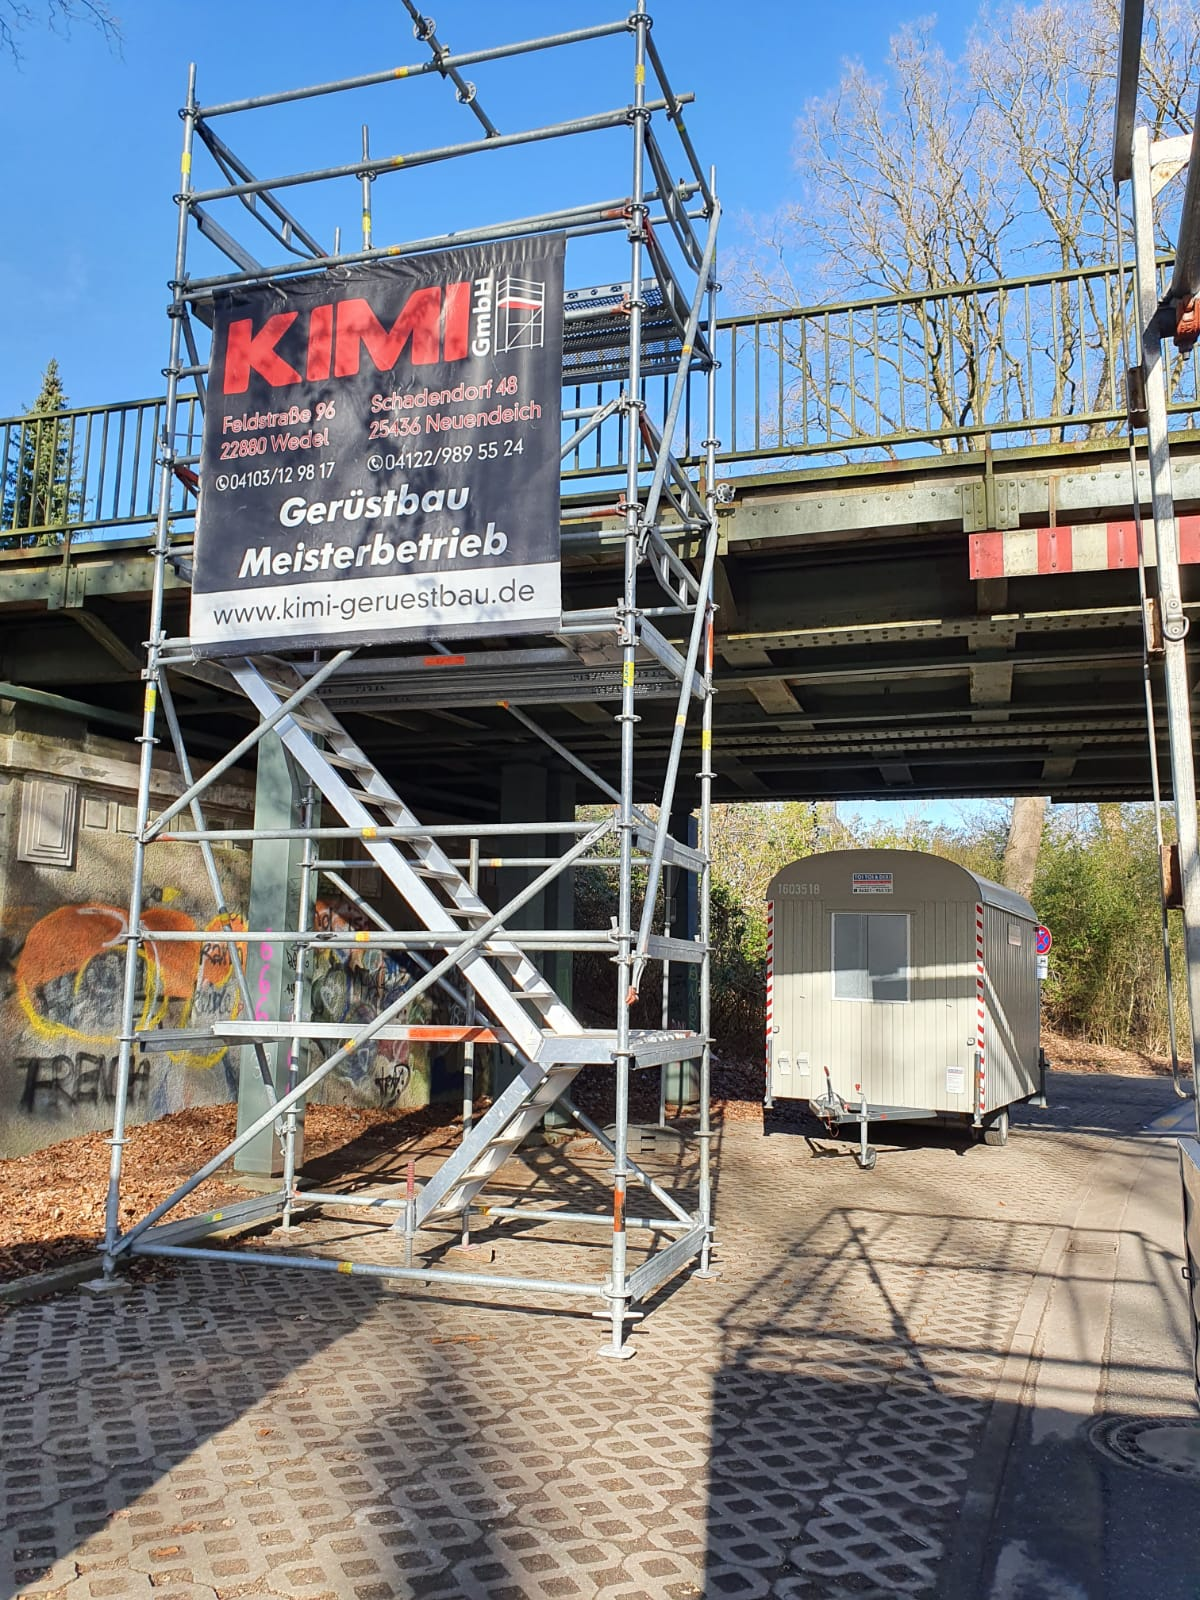 Industriespezialgerüst S-Bahn-Brücke Hamburg in Zusammenarbeit mit Stahlbau Schröder-Bild-1